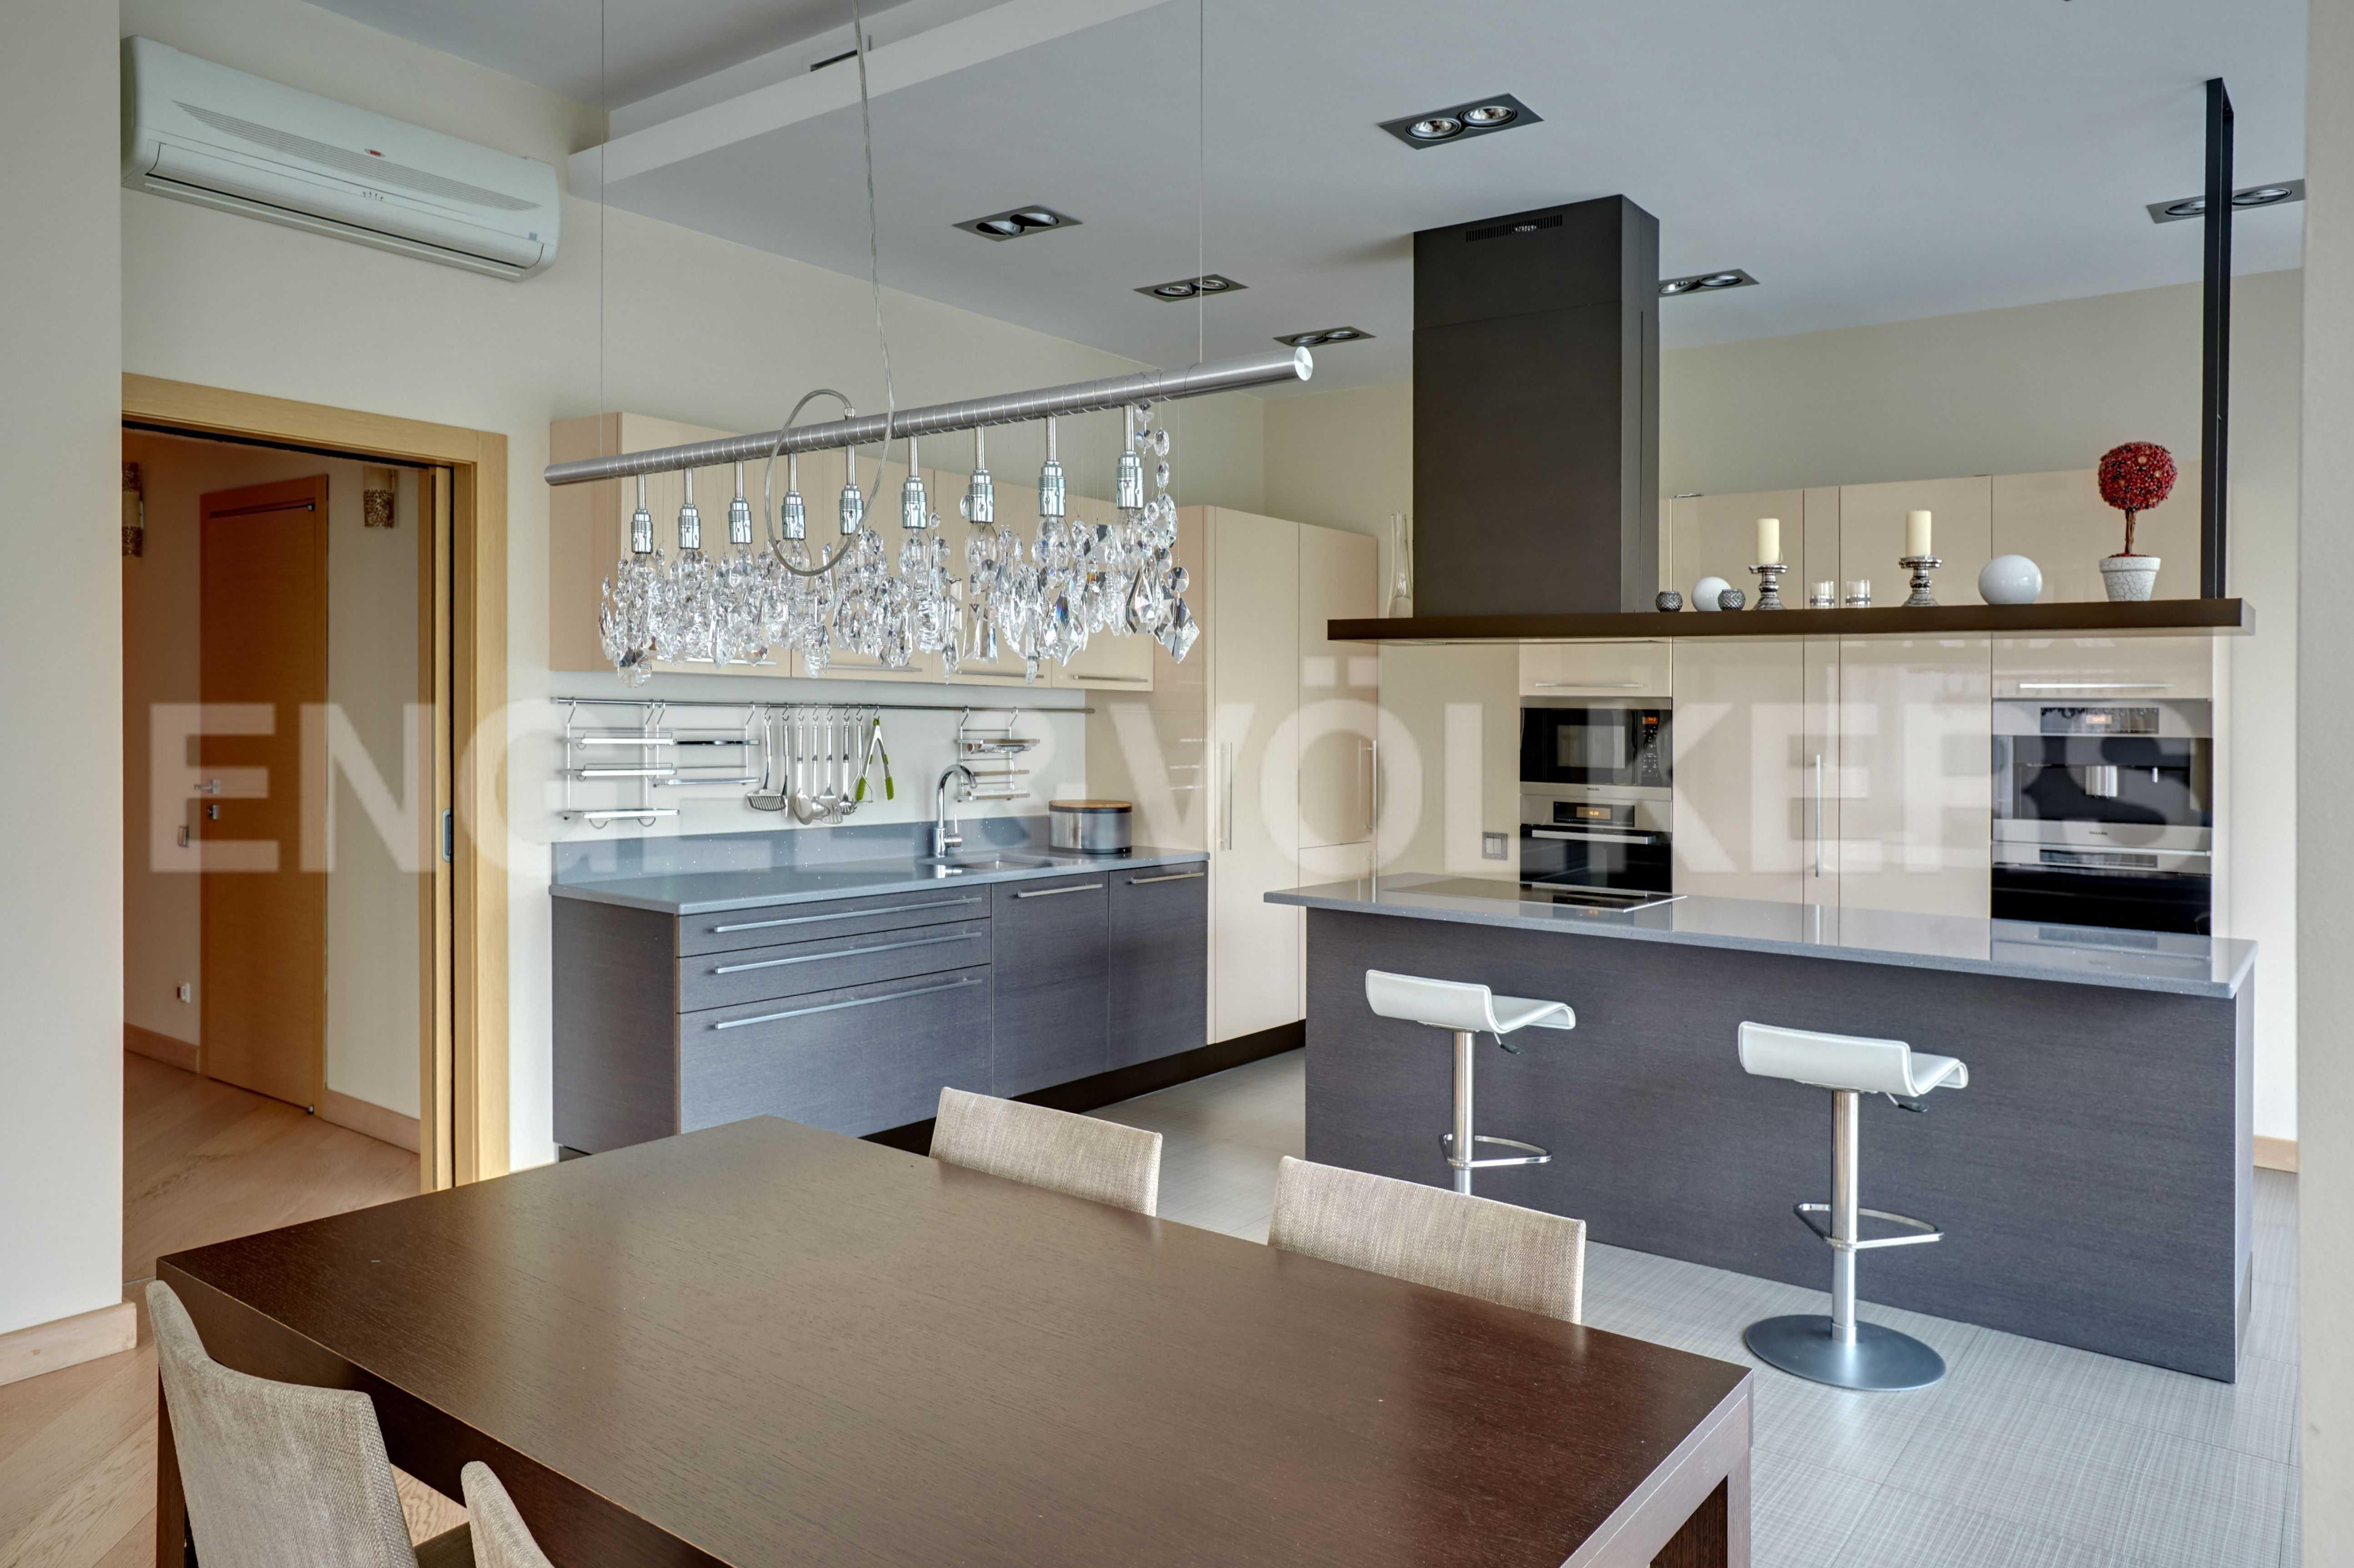 Элитные квартиры на . Санкт-Петербург, наб. Мартынова, 74. Зона кухни-столовой